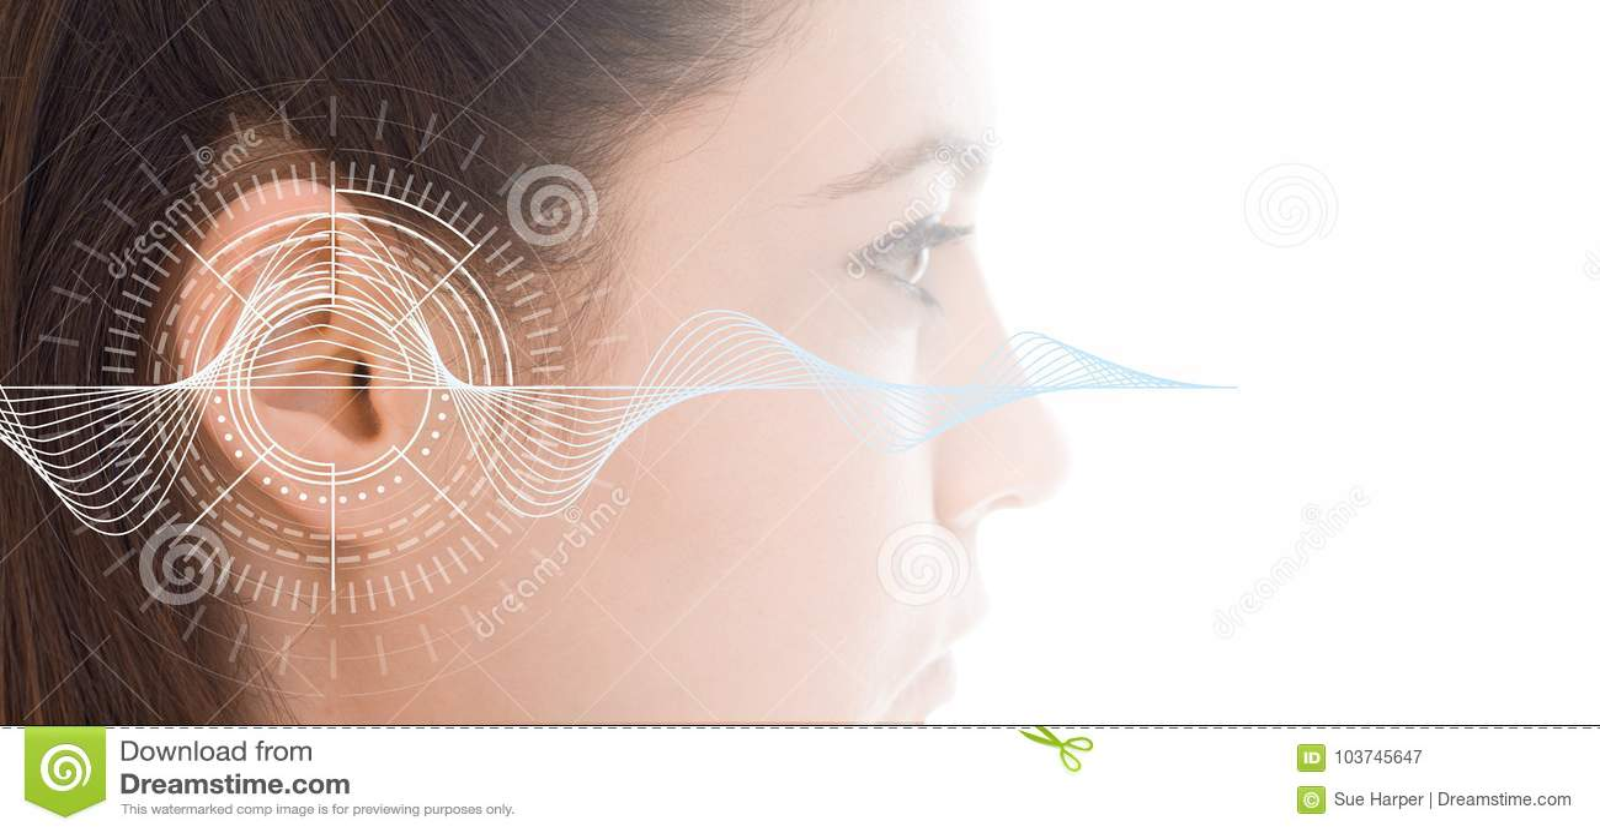 Teste de audição que mostra a orelha da jovem mulher com tecnologia da simulação das ondas sadias